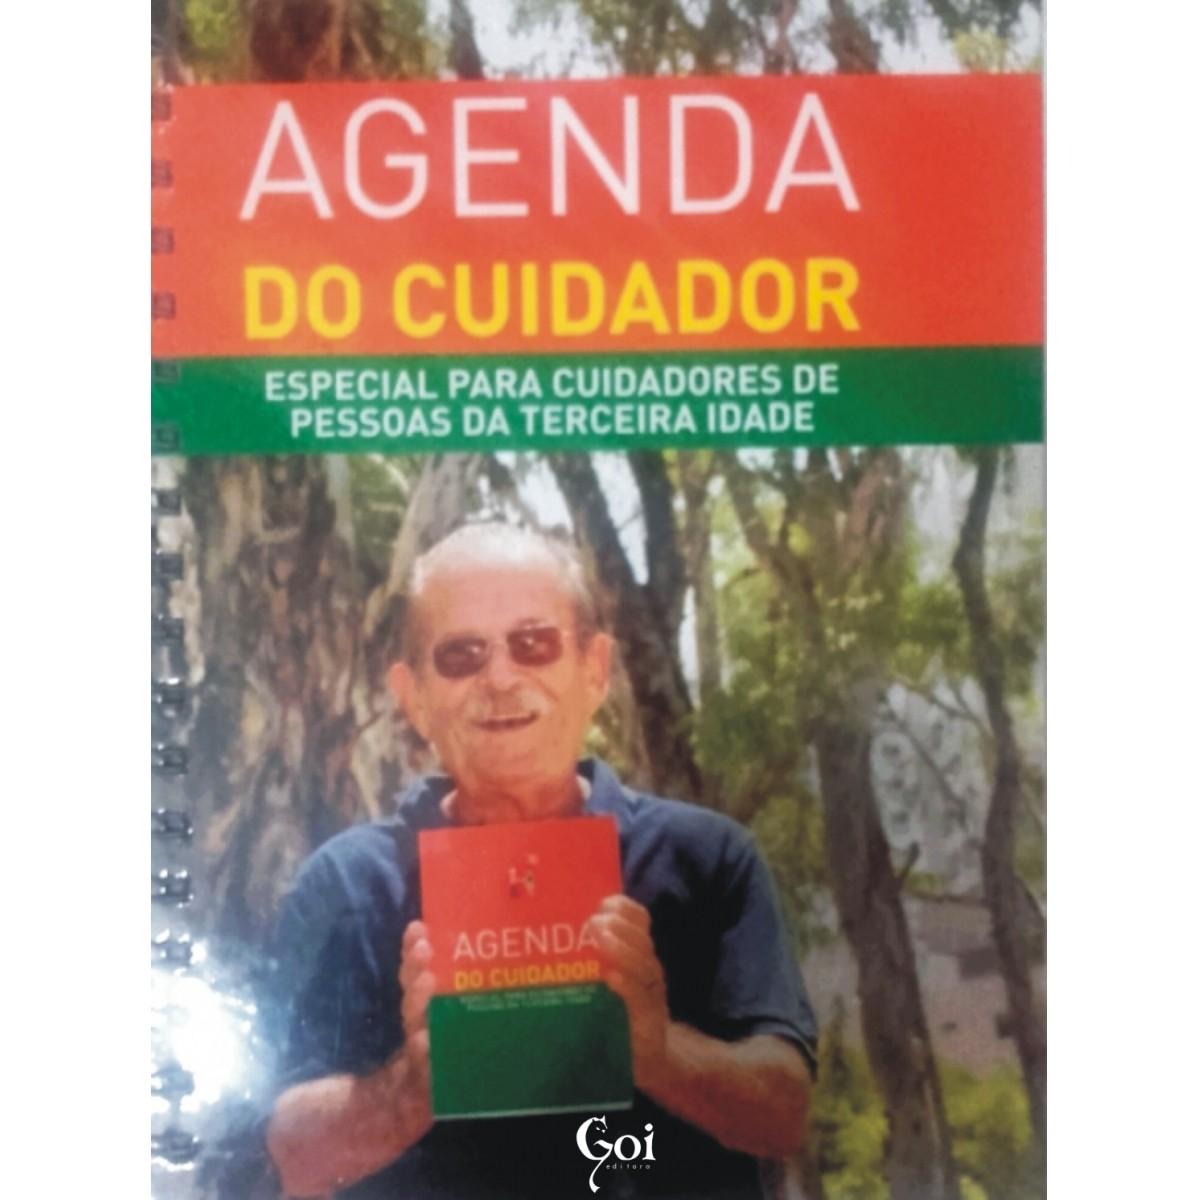 AGENDA DO CUIDADOR